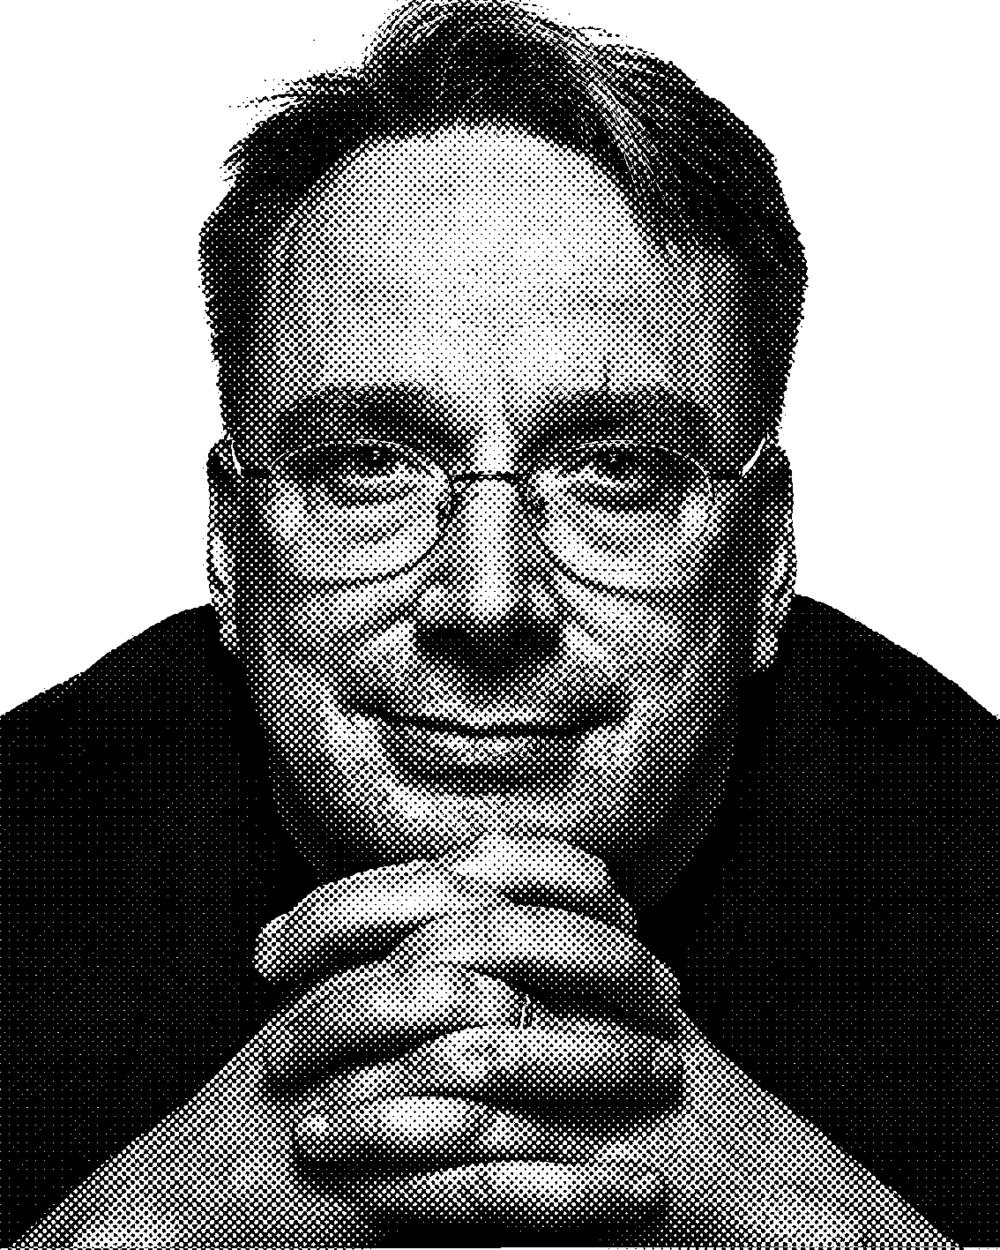 Linus Benedict Torvalds  ( 28 de diciembre  de  1969 ,  Helsinki ,  Finlandia ) es un  ingeniero de software  finlandés  estadounidense , conocido por iniciar y mantener el desarrollo del  kernel (en español,  núcleo )  Linux , basándose en el  sistema operativo  libre  Minix  creado por  Andrew S. Tanenbaum  y en algunas herramientas, varias utilidades y los  compiladores desarrollados por el  proyecto GNU . Actualmente es responsable de la coordinación del proyecto.